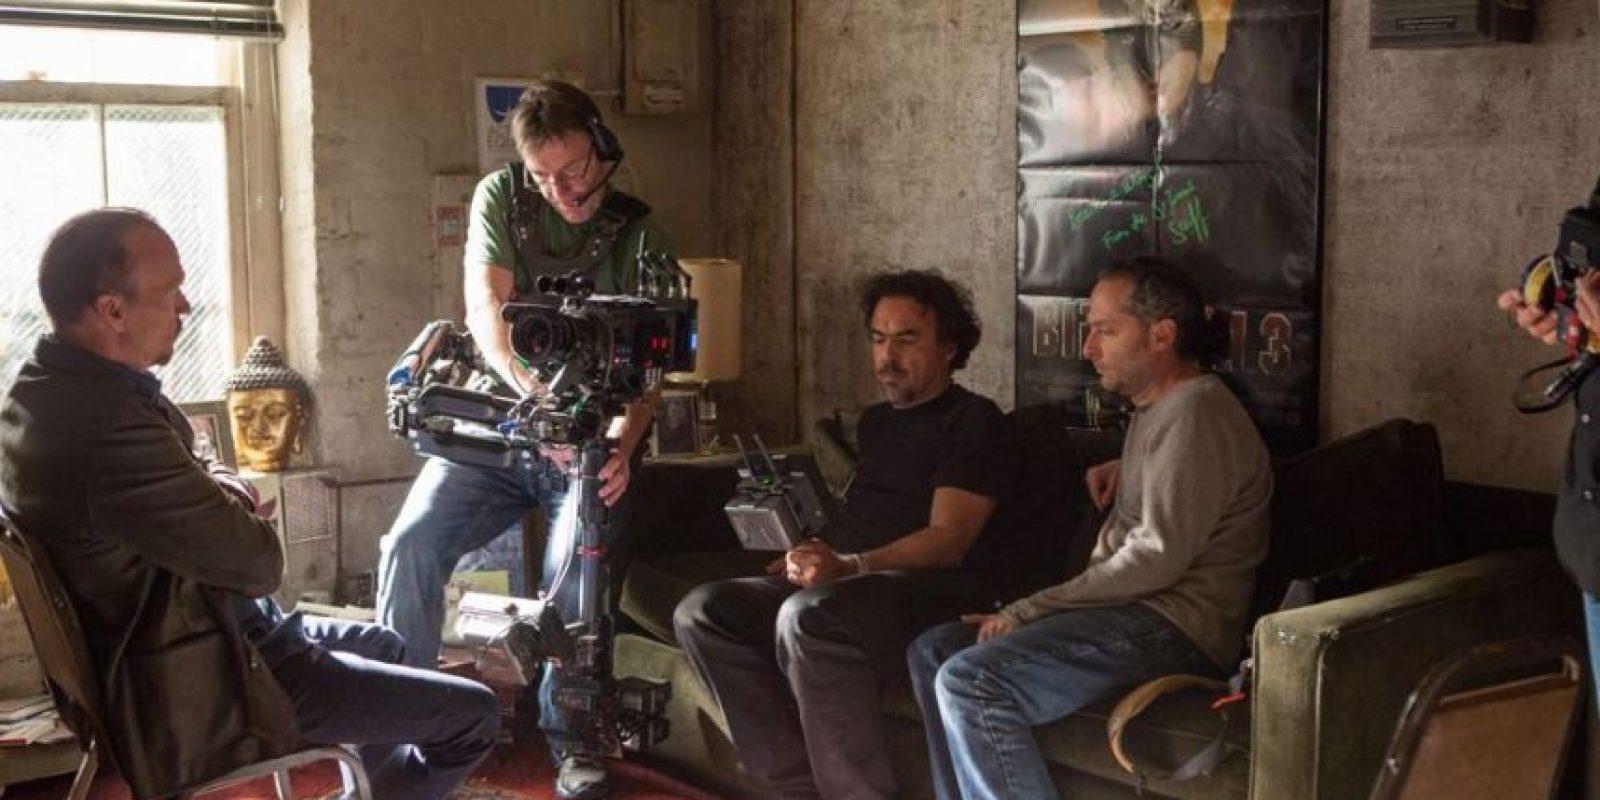 En algunas tomas, los actores debieron interpretar, sin error, hasta 15 páginas del guión ininterrumpidas. Foto:Facebook/Birdman